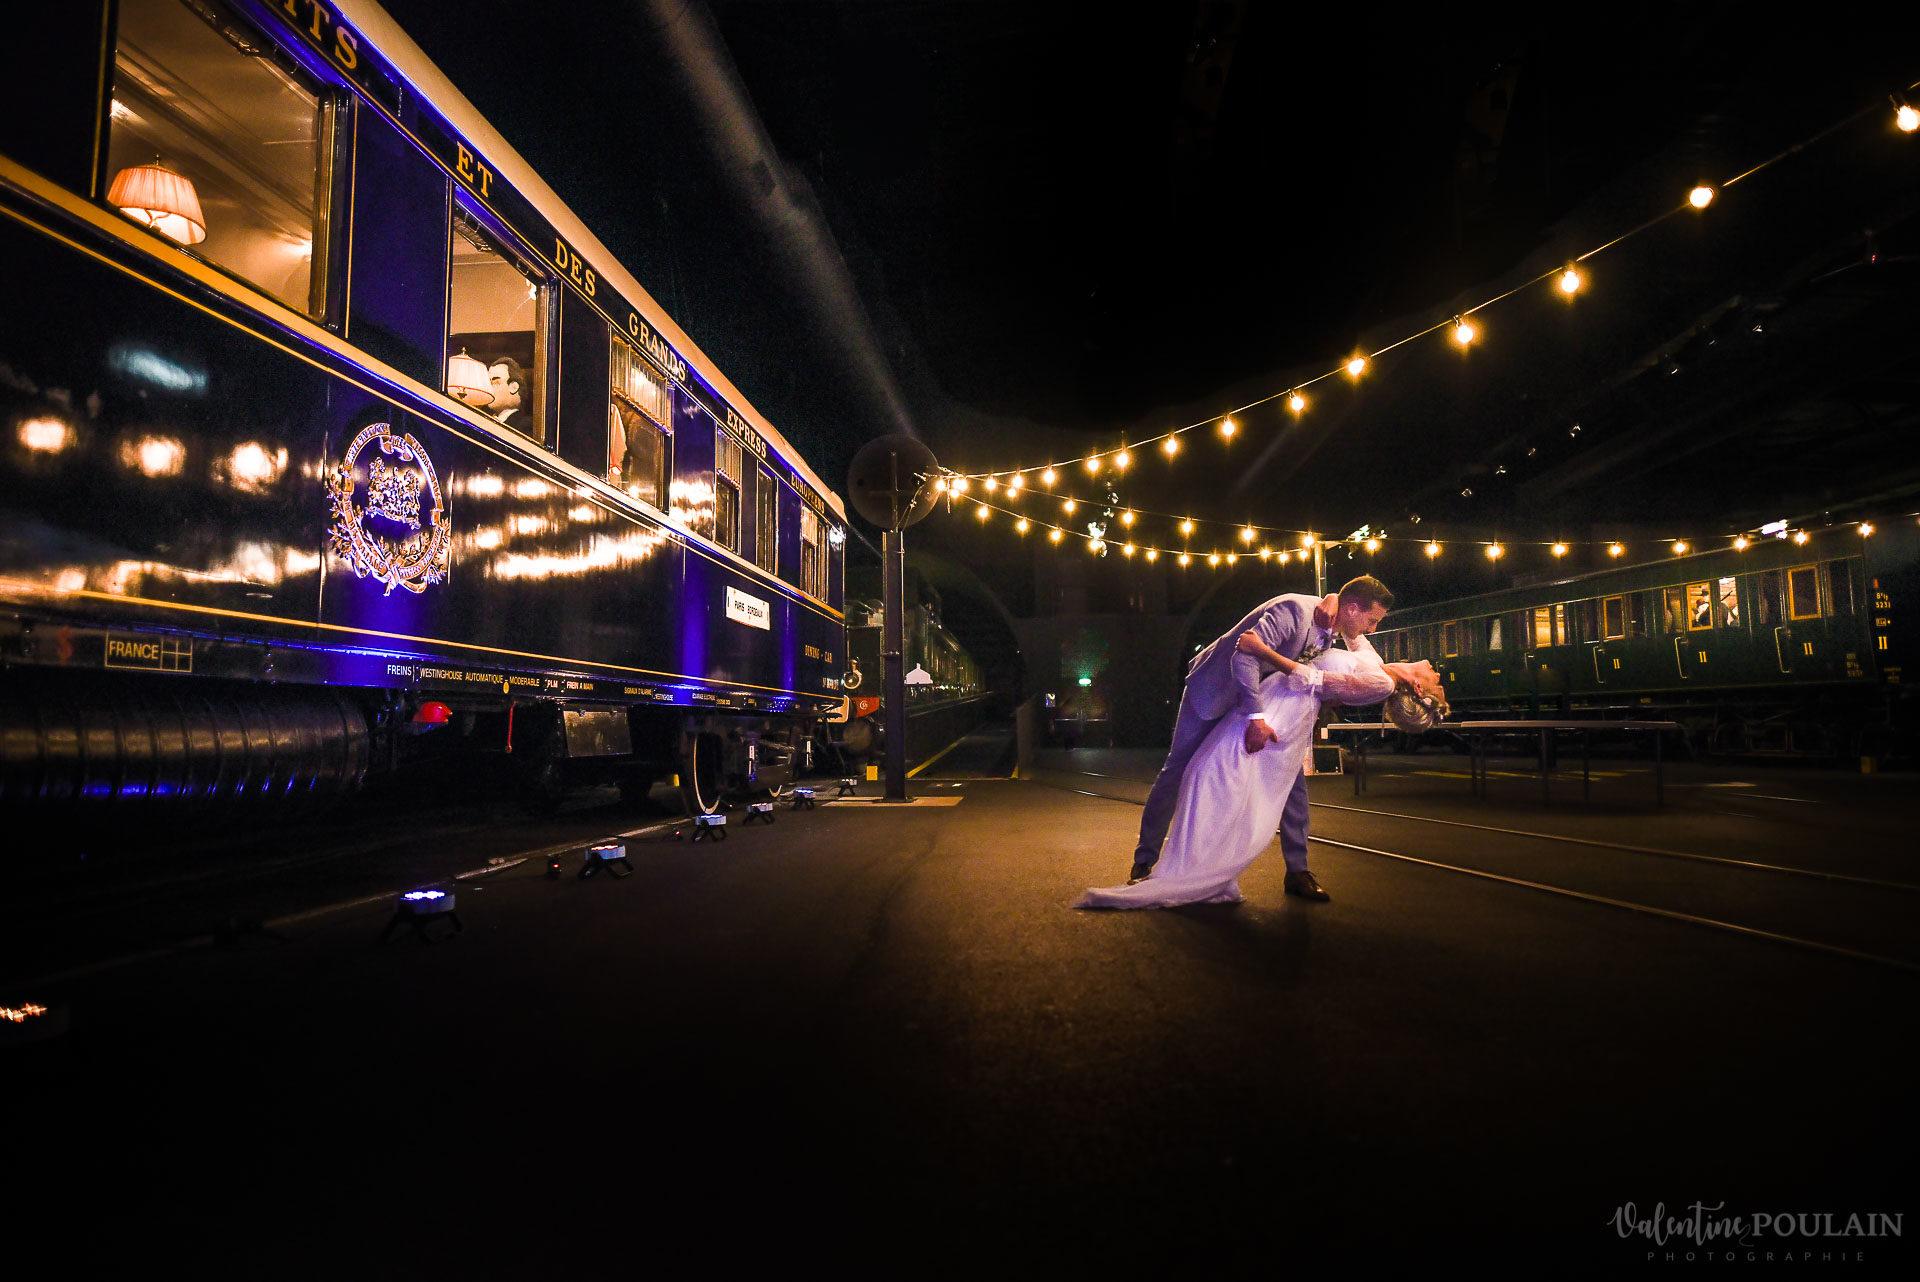 Soirée danse mariage - Valentine Poulain